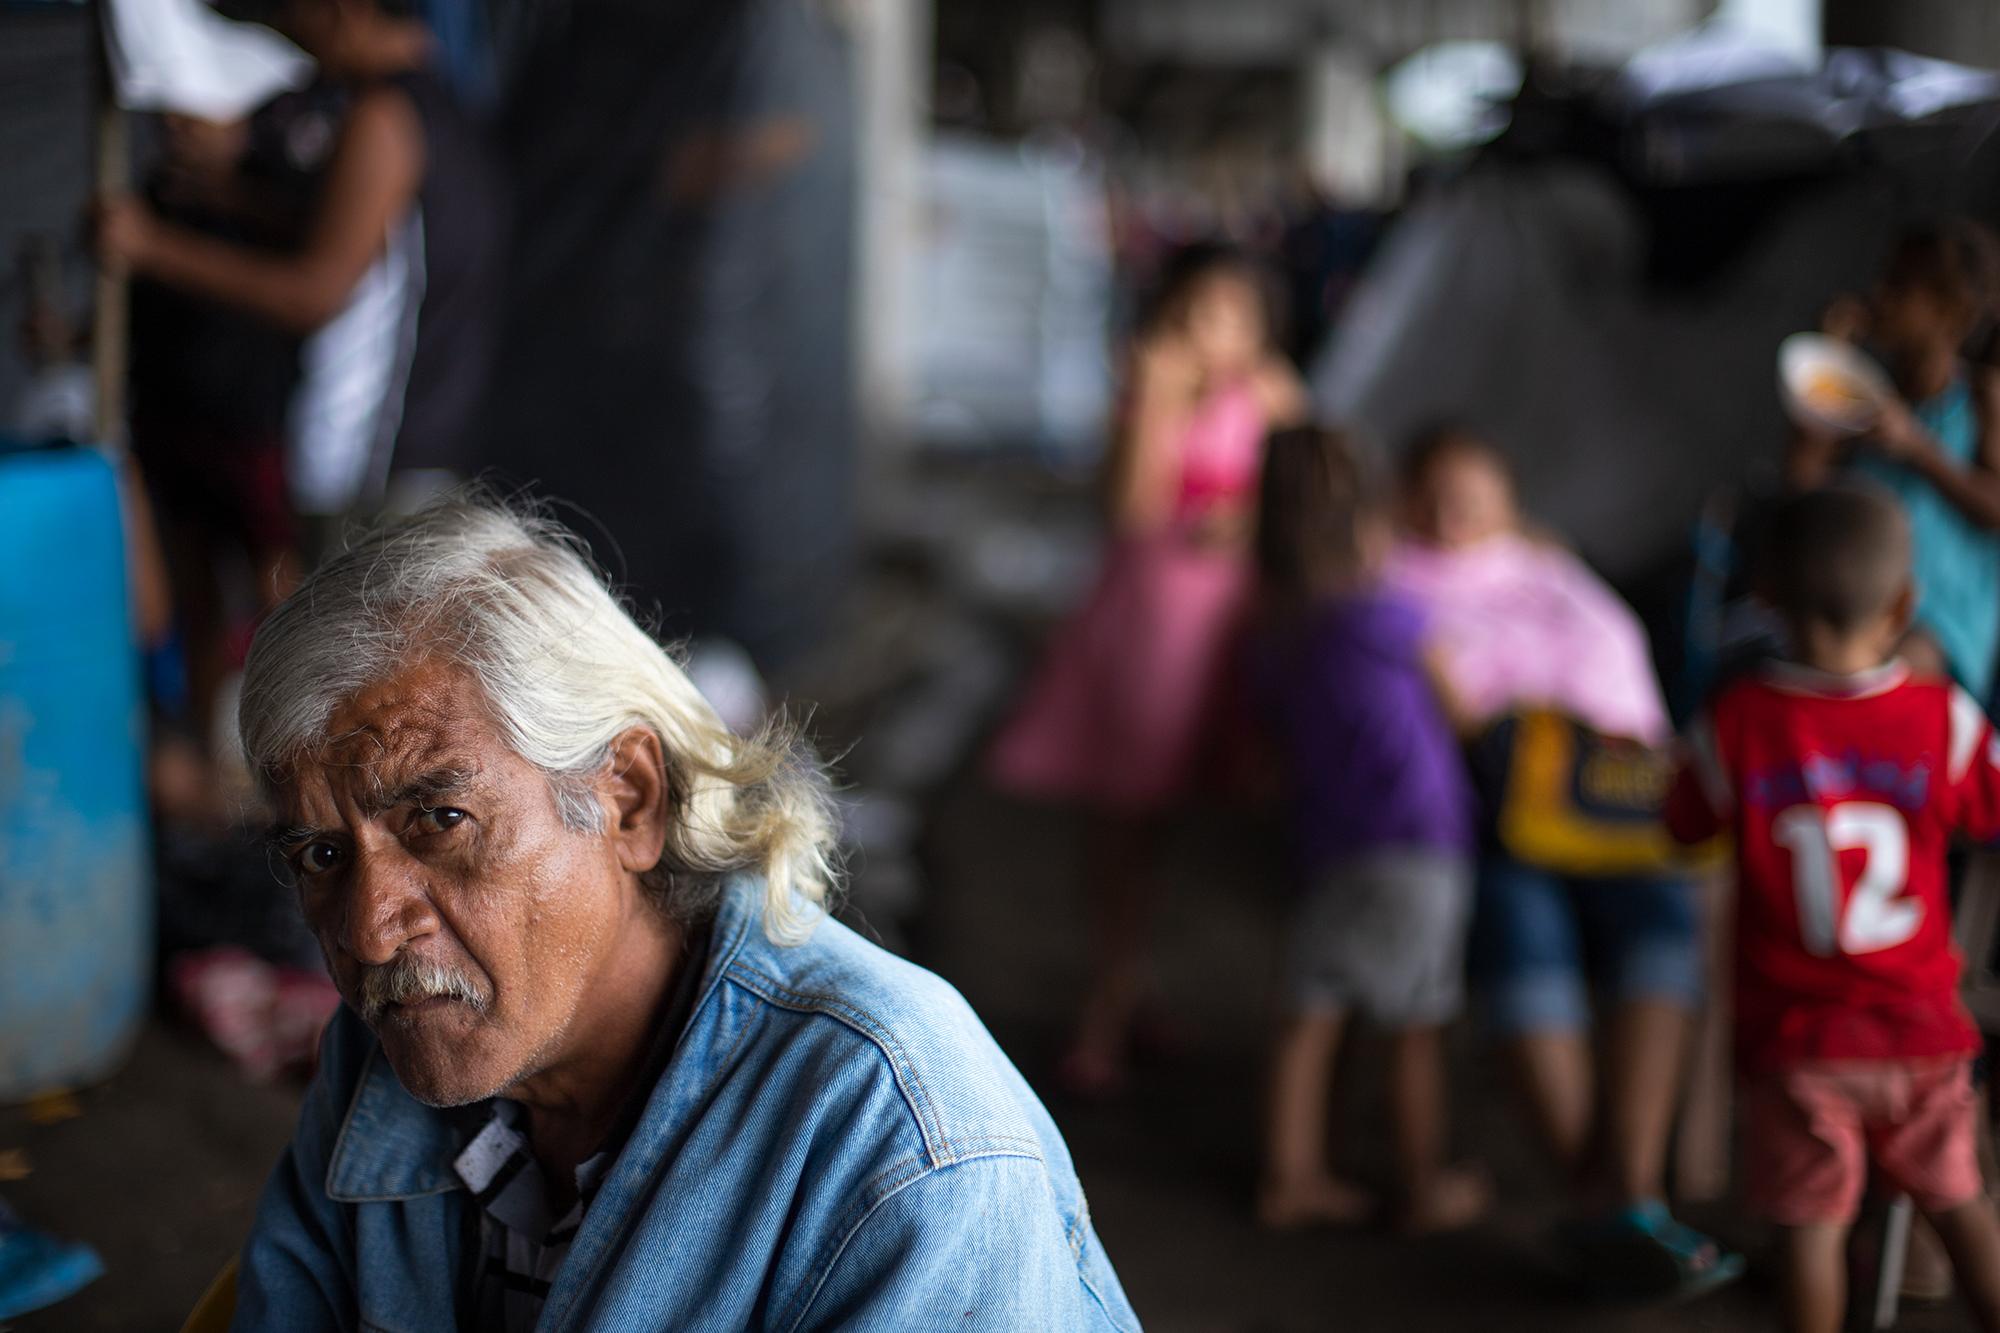 Santos España, de 64 años, ha quedado damnificado debajo del puente que conduce desde la ciudad de San Pedro Sula hacia el occidente hondureño. Santos explica que en varias ocasiones los militares les han querido trasladar a los albergues disponibles, pero las familias bajo este puente no confían en ninguna institución del Estado que quiere trasladarlos a albergues, ubicados en territorio controlado por la pandilla contraria a la de sus colonias, y donde esta violencia les pondría en mayor peligro. San Pedro Sula, 21 de noviembre de 2020. Foto: Martín Cálix.